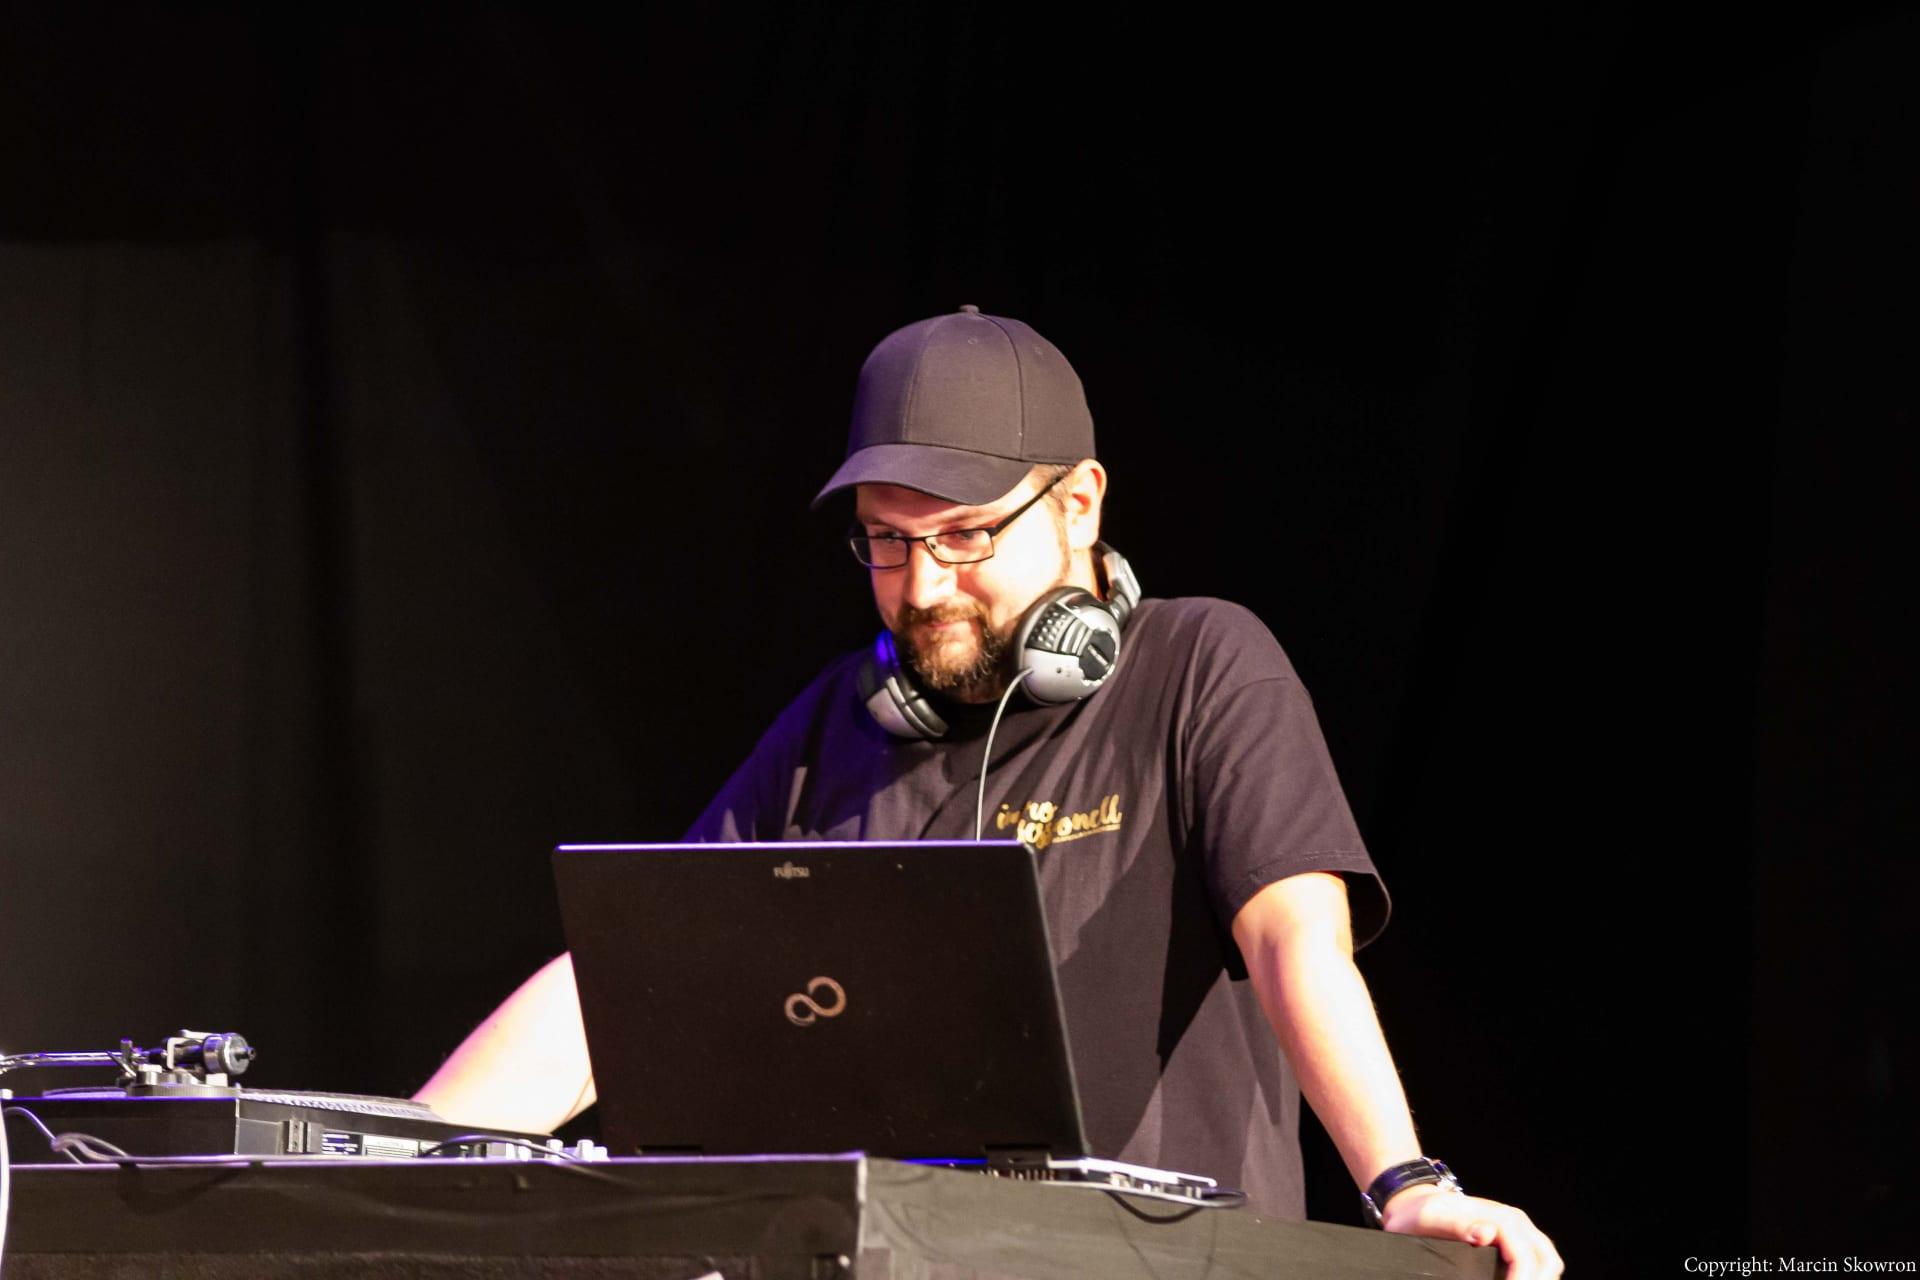 DJ Easy P